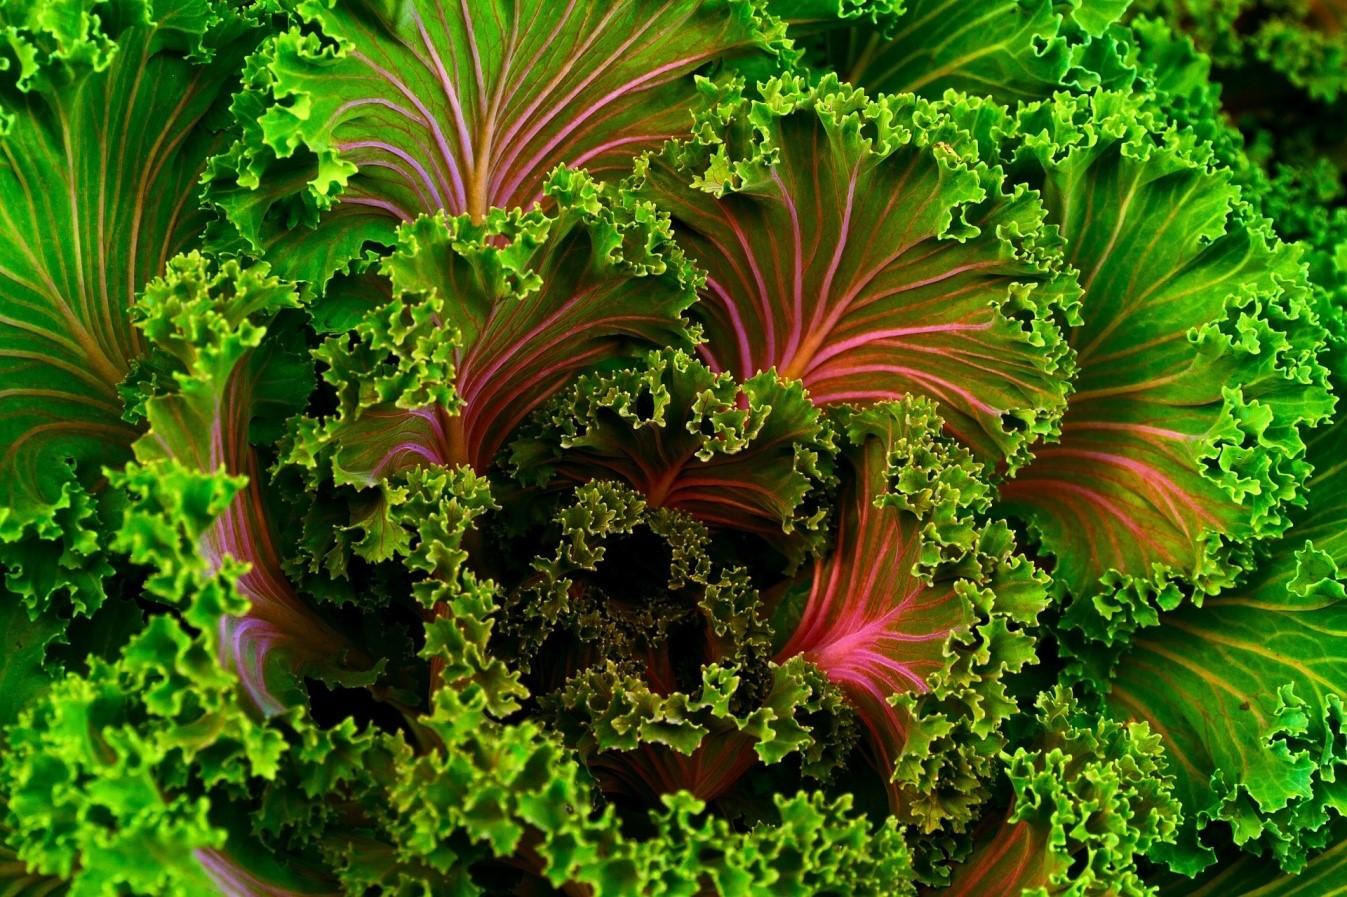 Col kale para preparar recetas con kale